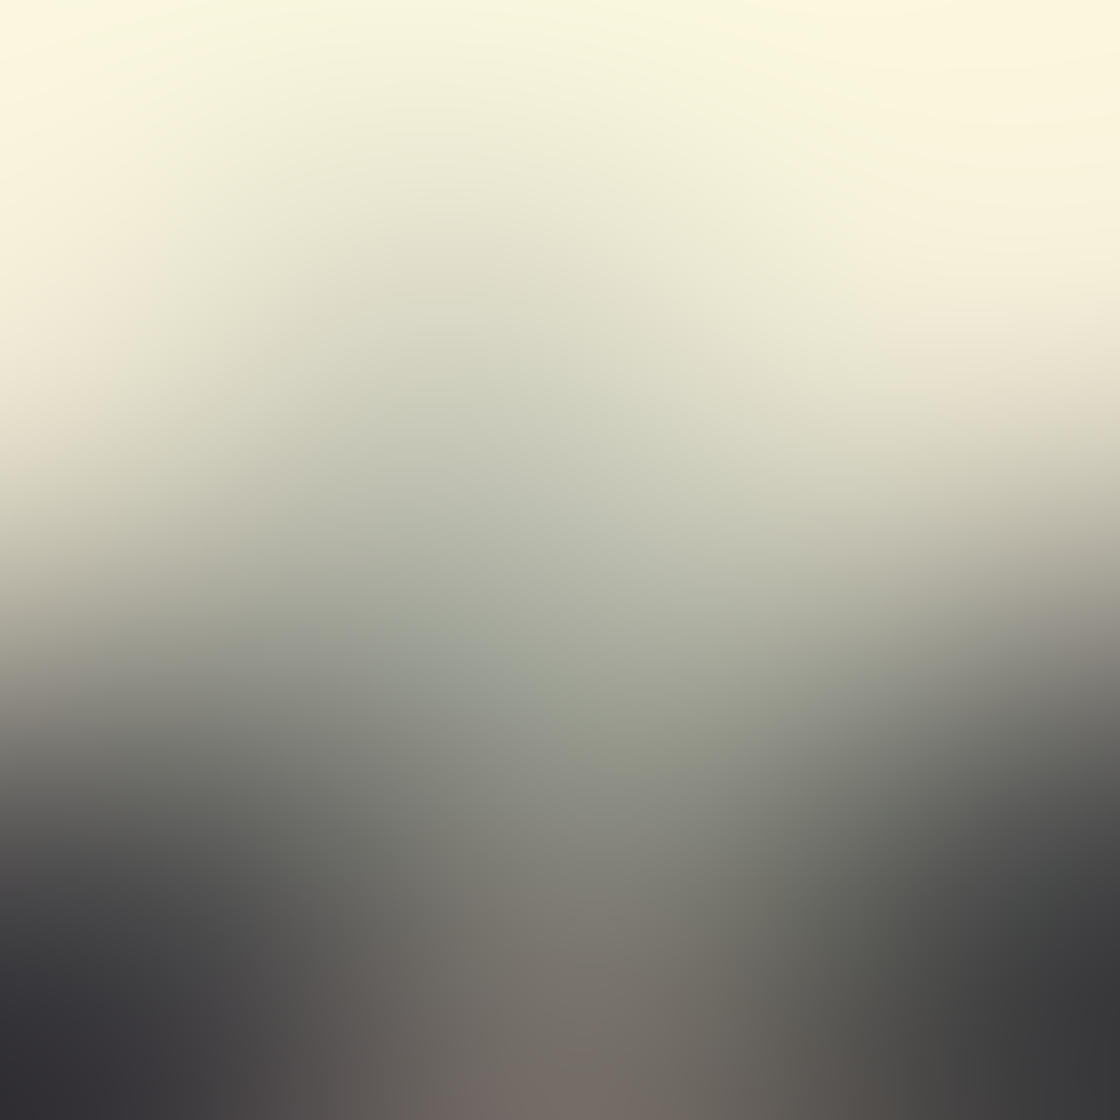 Fog & Mist iPhone Photos 38